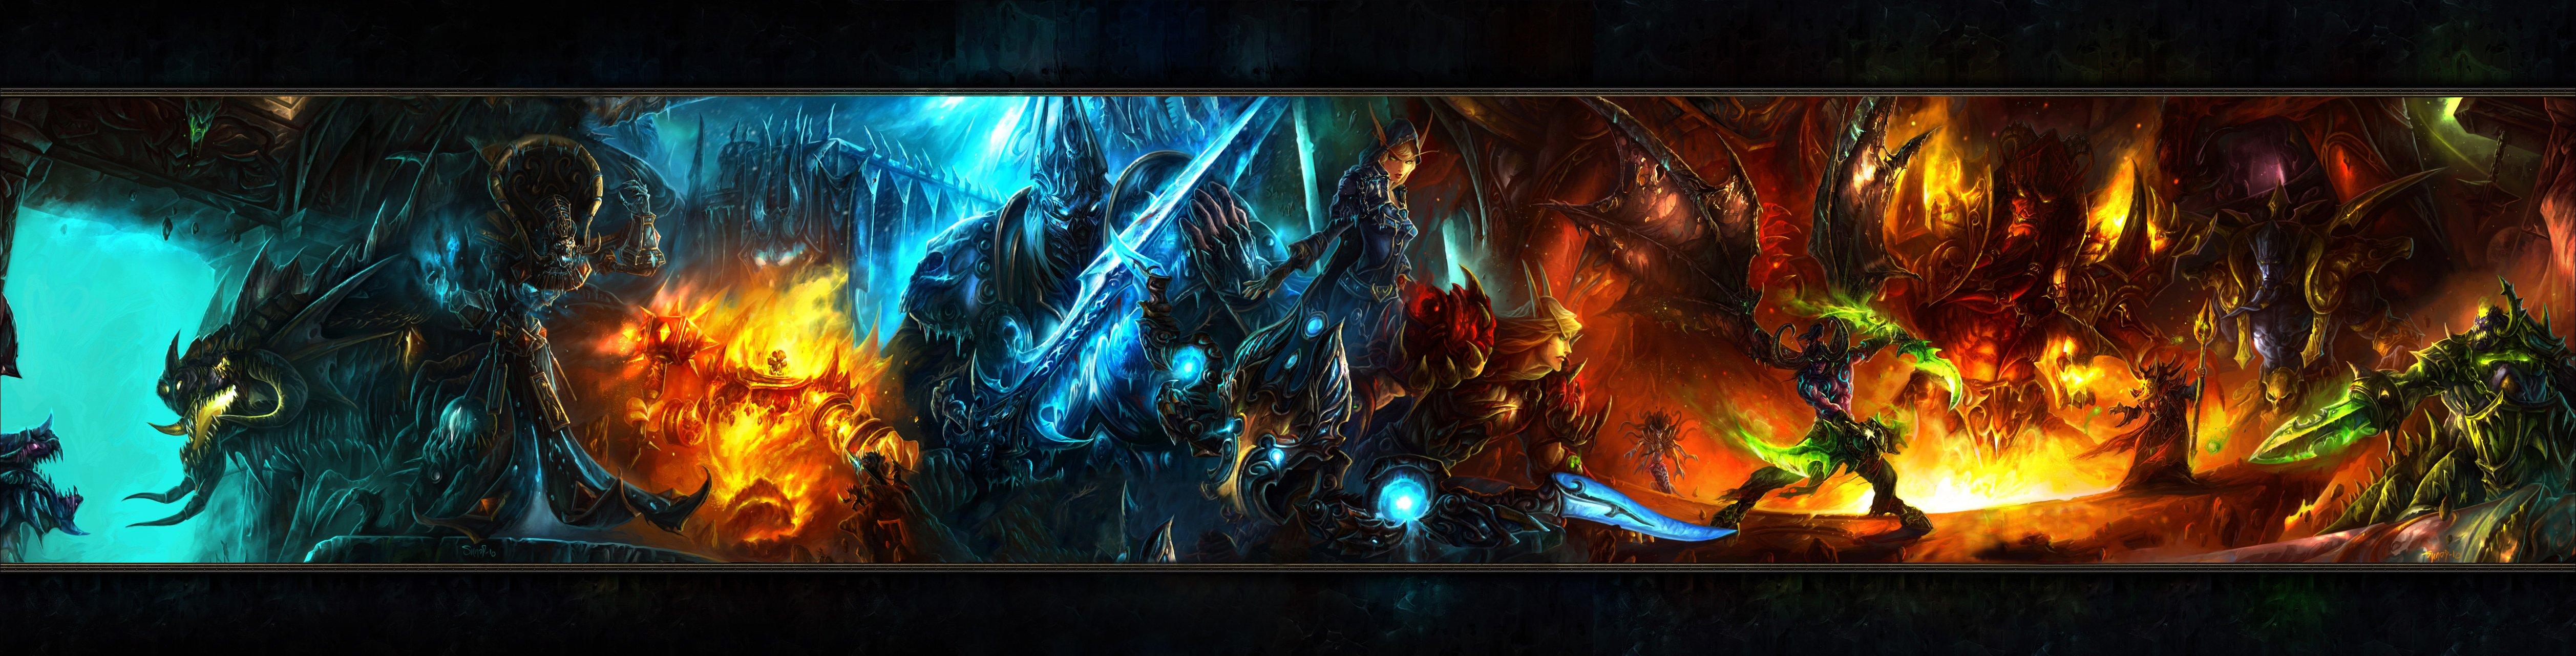 Video Game Dual Monitor Wallpaper - WallpaperSafari